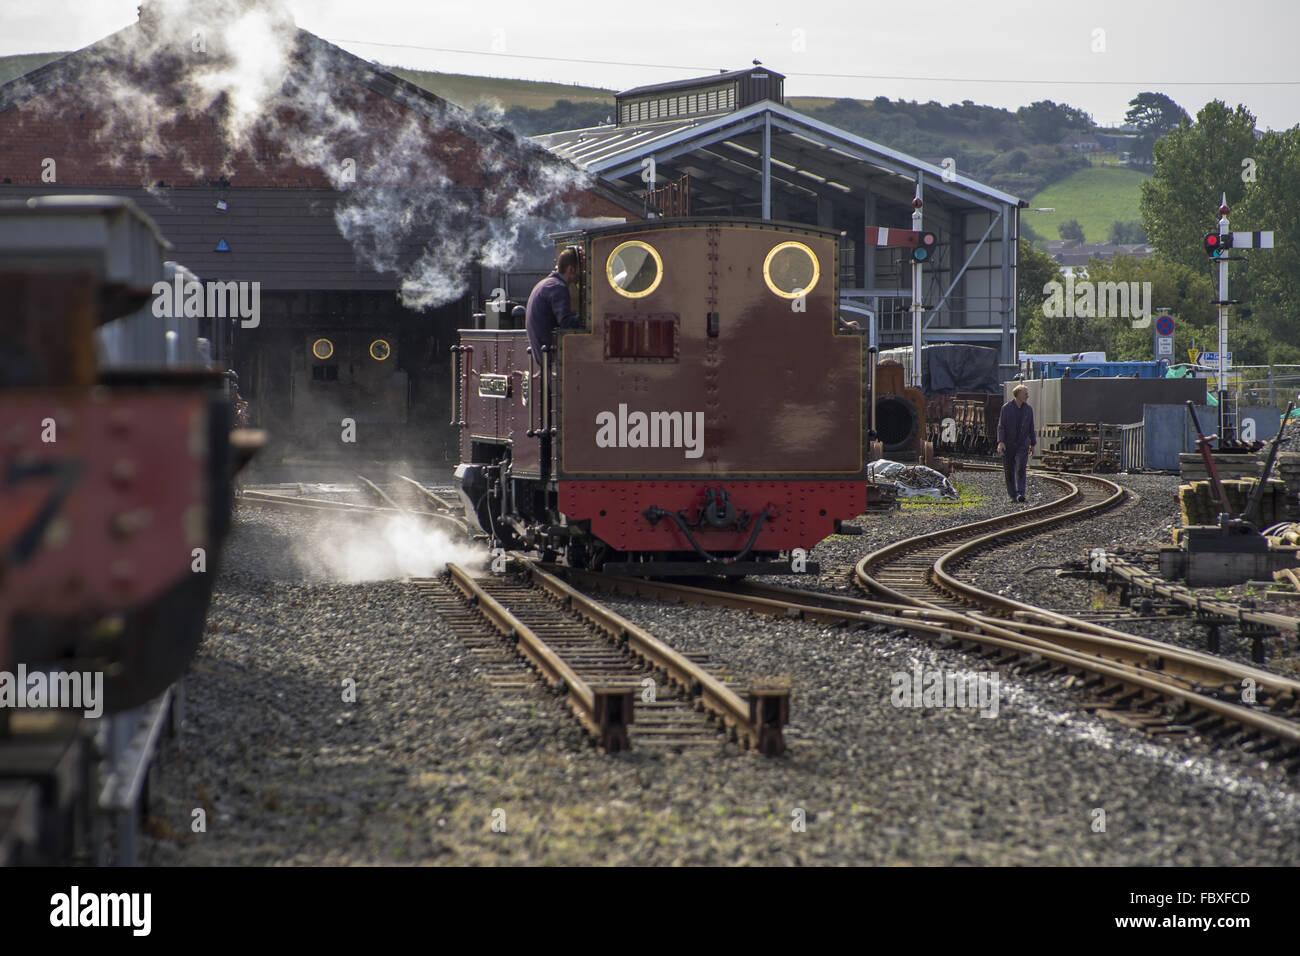 Railwaystation Aberystwyth - Stock Image